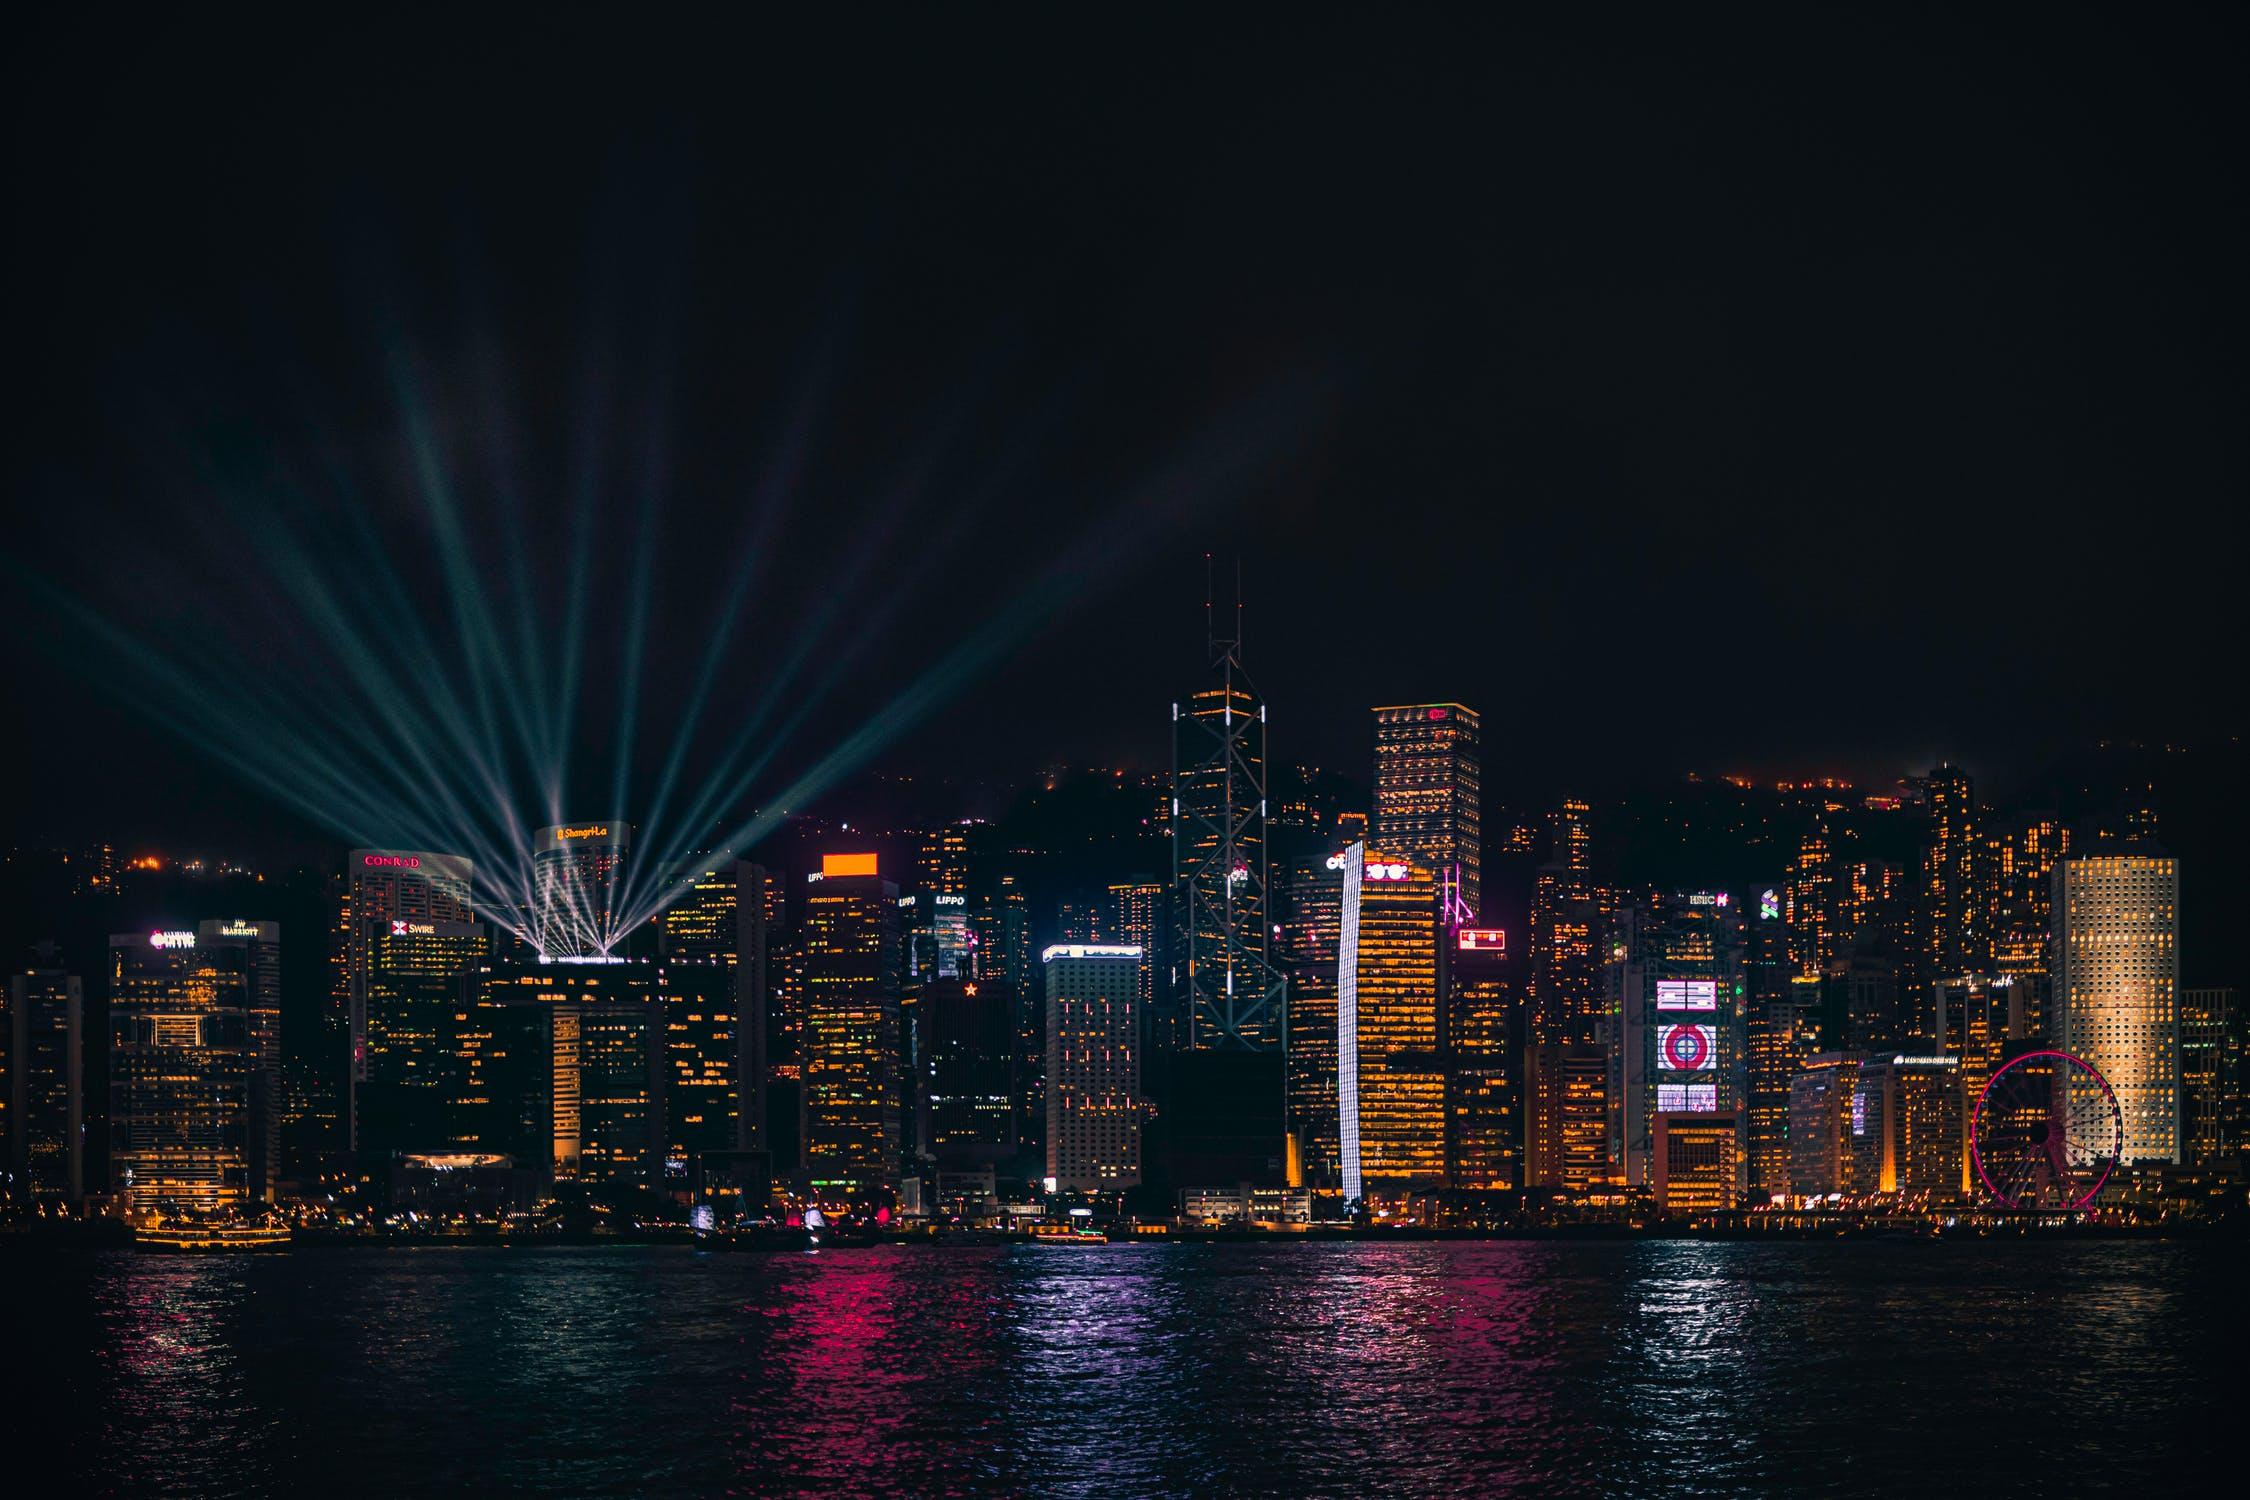 2019年香港税收又增大幅优惠,最新政策变化详解看这里! — 洋易达